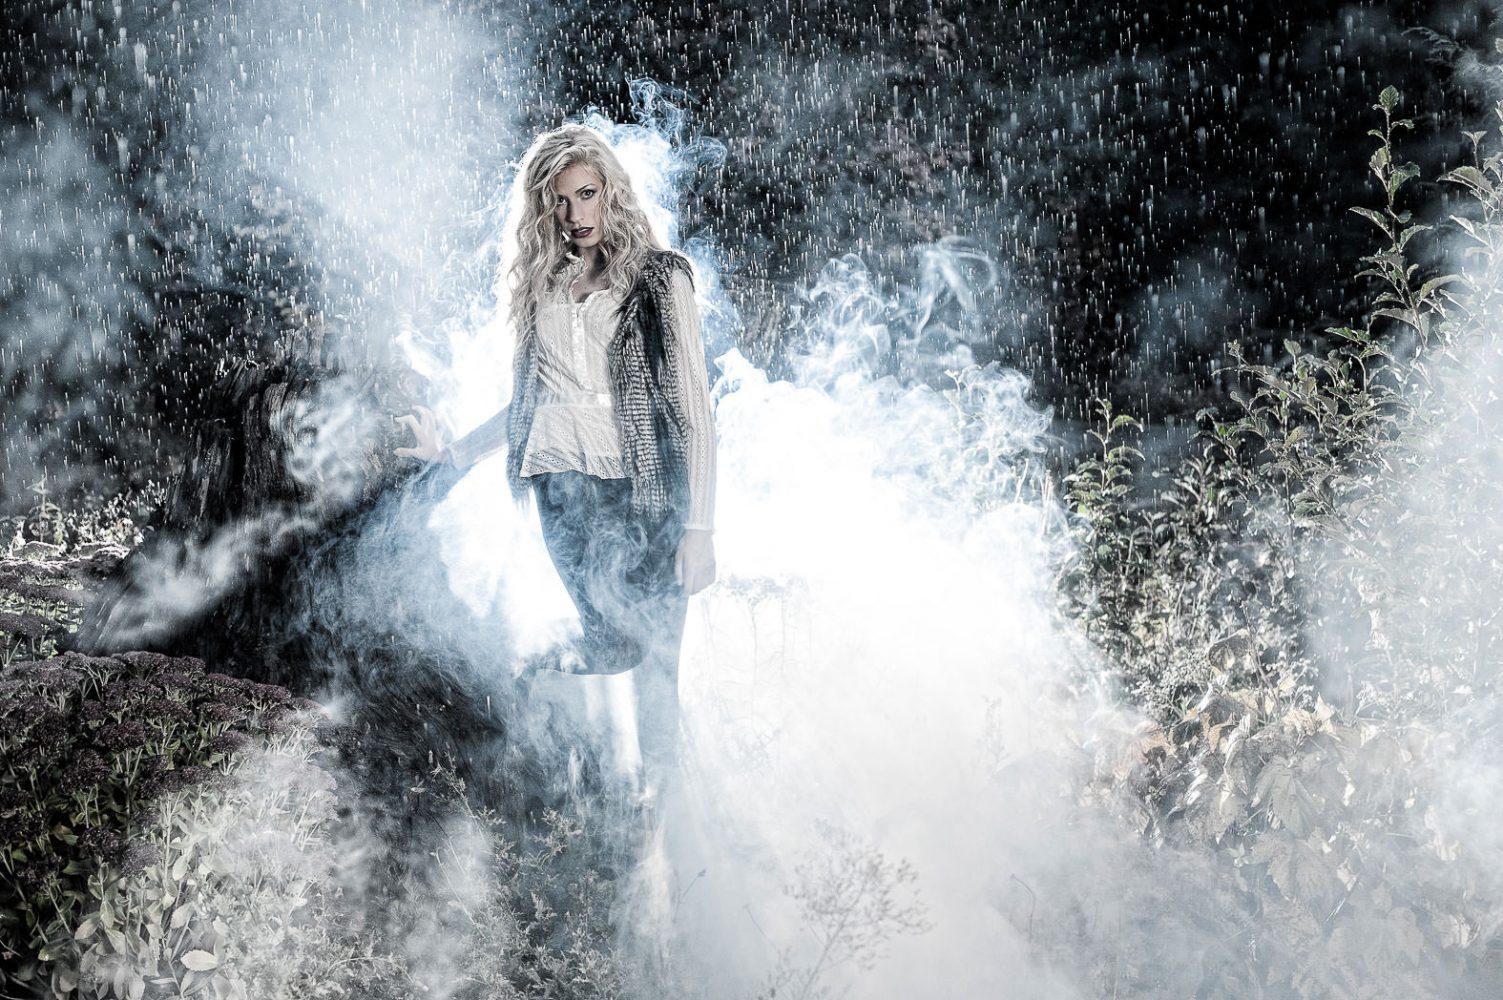 04-photonuvo-senior-pictures-rain-fog